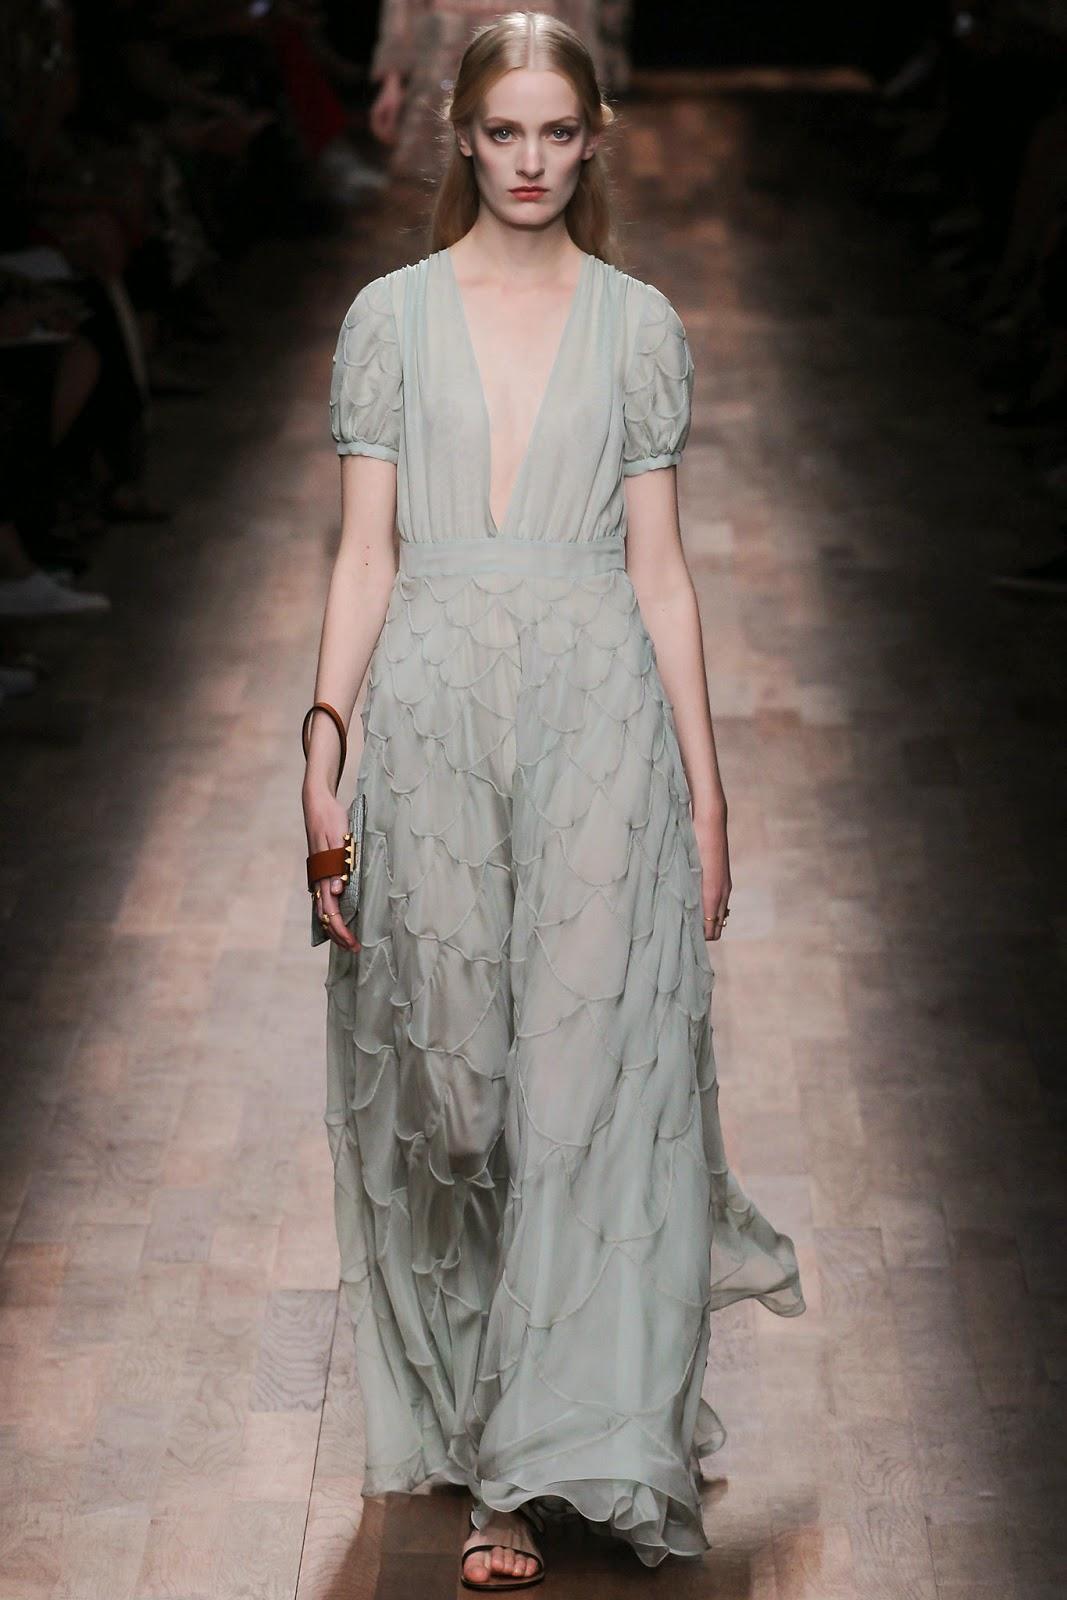 valentino 2015 summer 2016 trend women dress90 Valentino 2015 samling, våren sommaren 2016 Valentino klänning modeller, Valentino kväll klänning nya säsongen kvinnors kjolar modeller